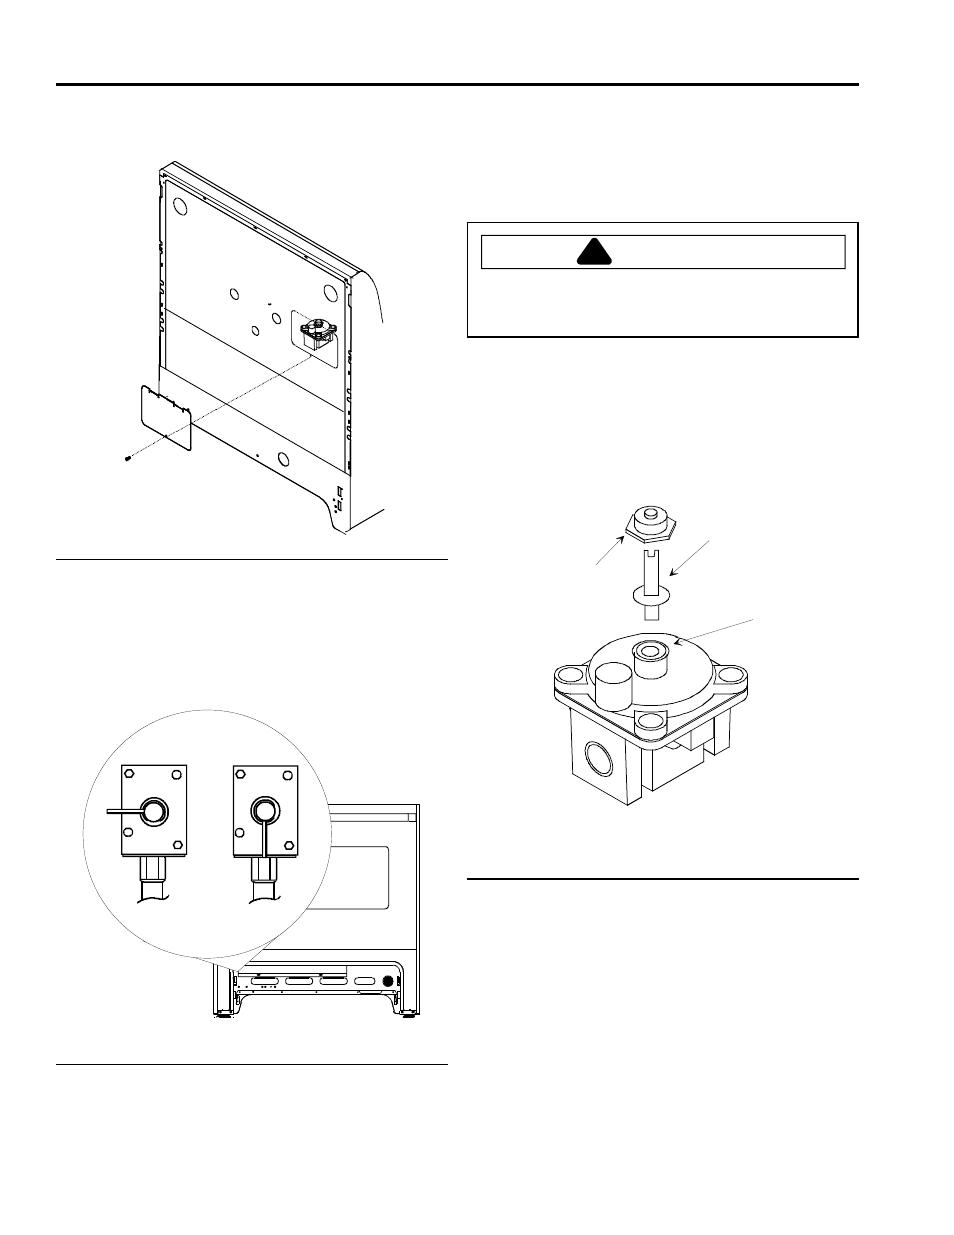 medium resolution of warning pressure regulator location oven shutoff valve amana arg7302 manuel d utilisation page 8 60